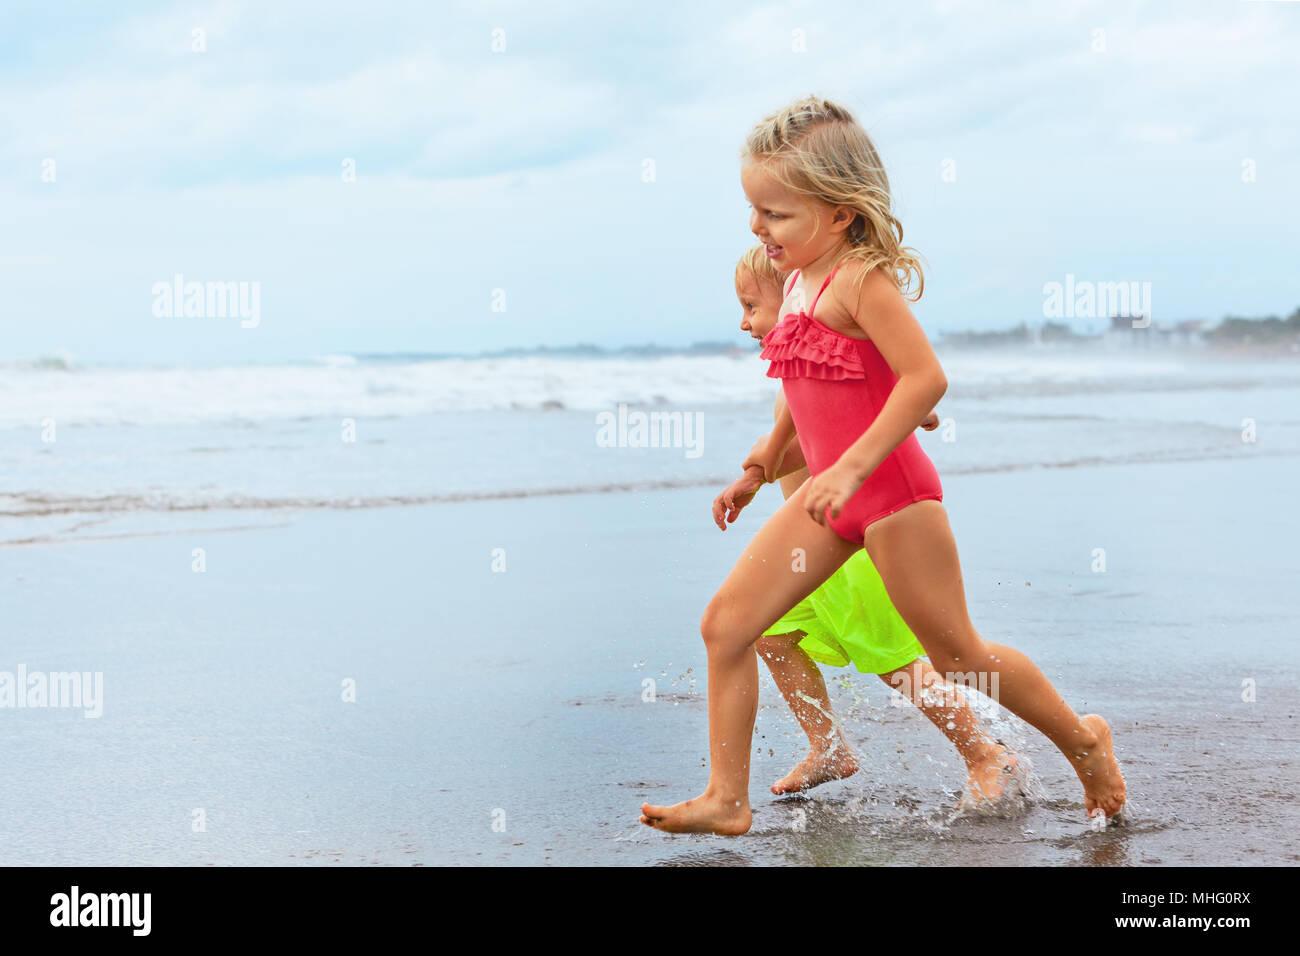 Gerne barfuß Kinder haben Spaß auf dem Sunset Beach entfernt. Laufen durch Wasser Schwimmbad am Meer surfen und springen. Familie Reisen, Lifestyle, Schwimmen Aktivitäten Stockbild